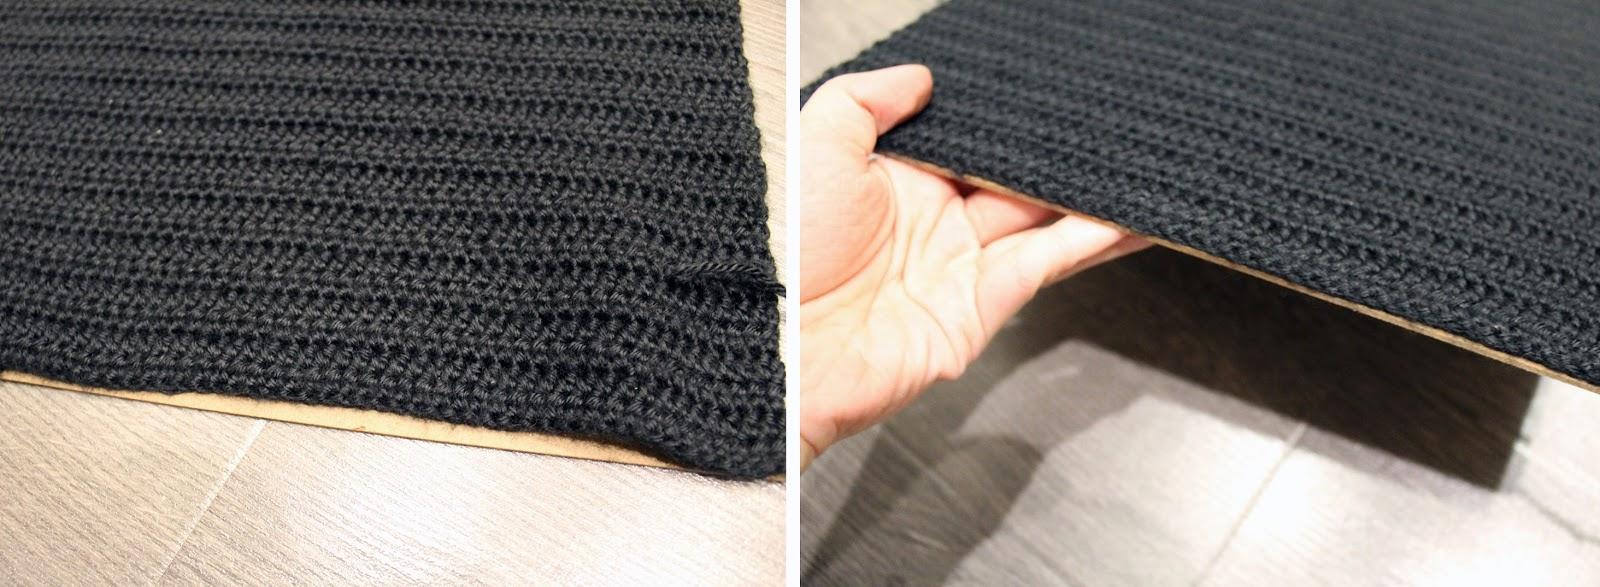 Crochet Letter Board DIY